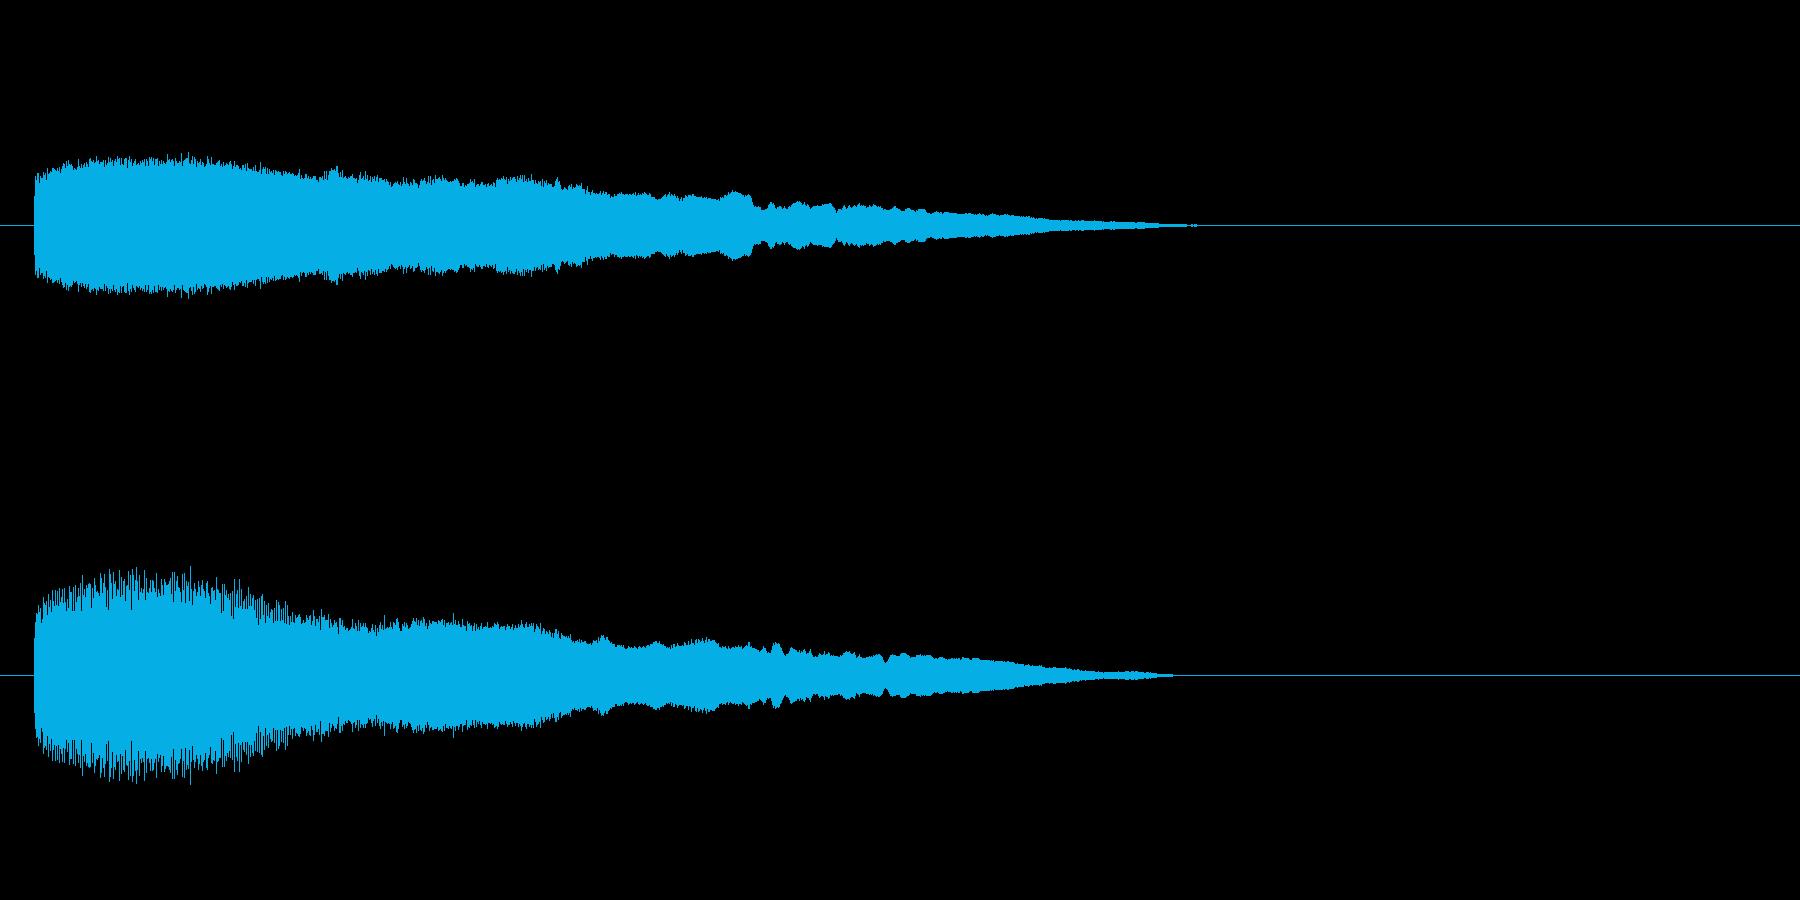 「ブーッ!」ふざけた鳥の鳴き声の擬音の再生済みの波形